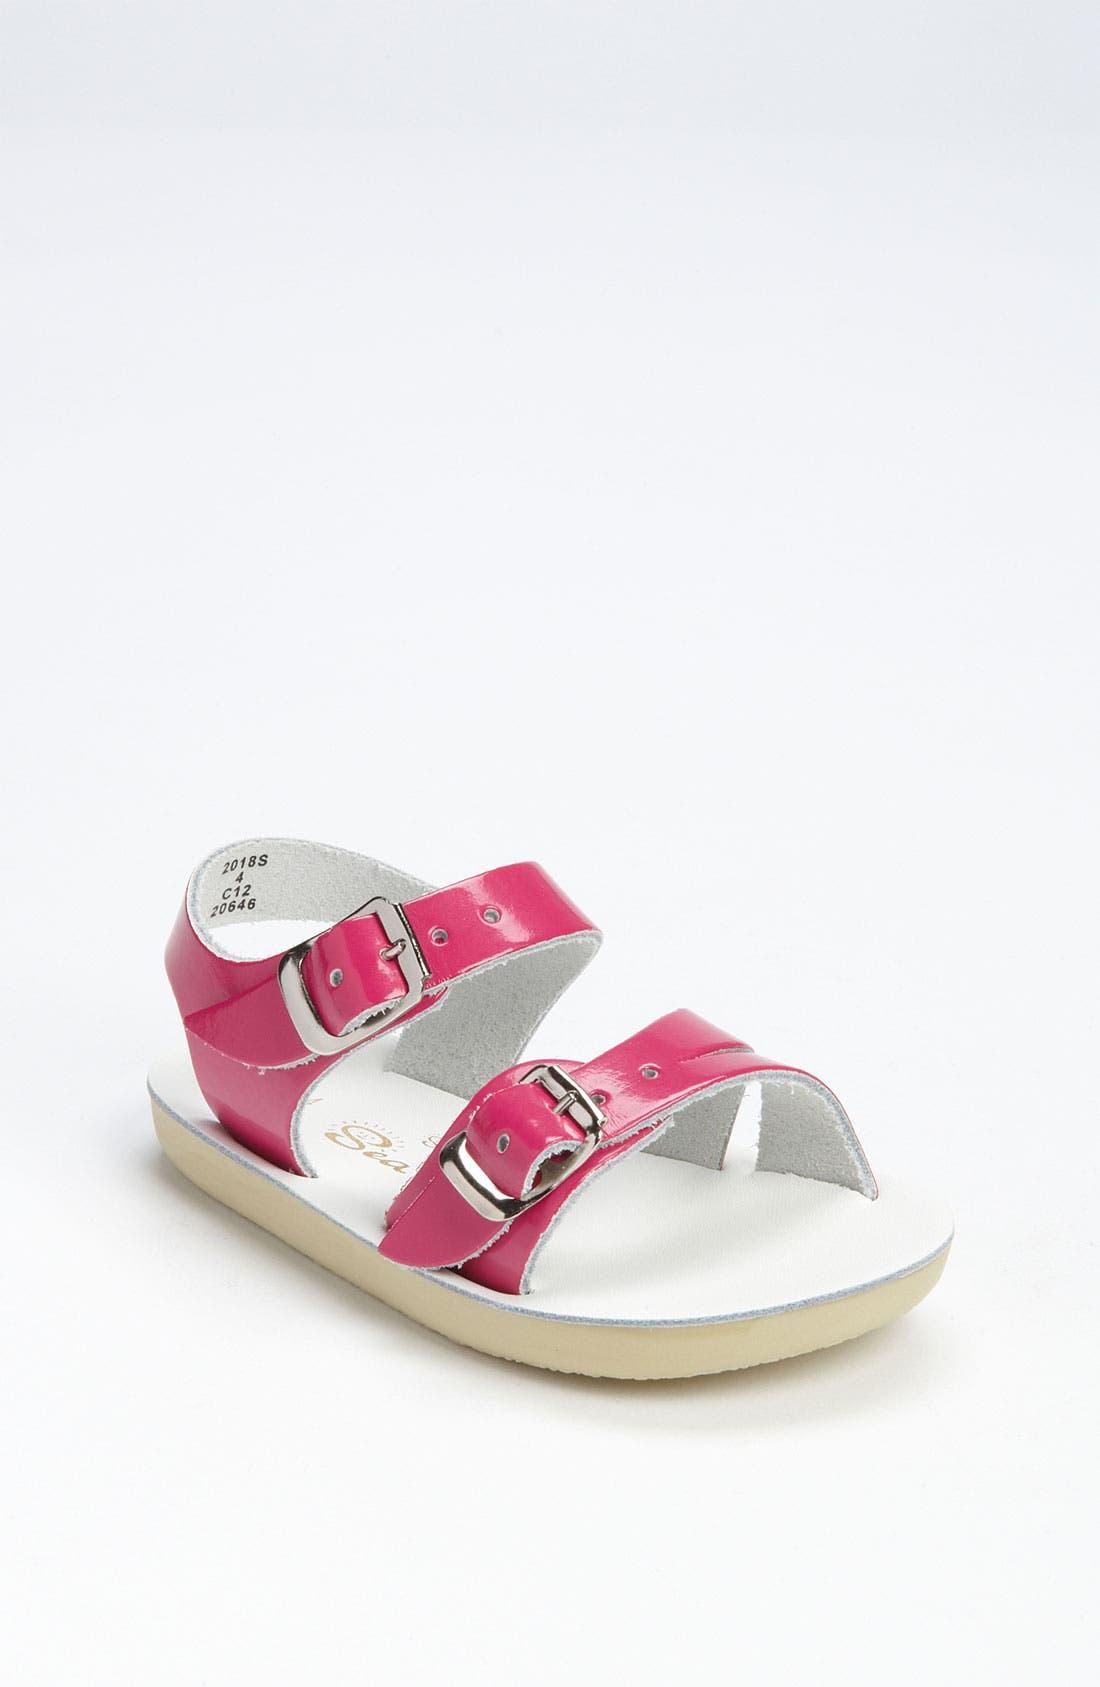 Alternate Image 1 Selected - Salt Water Sandals by Hoy 'Sea Wee' Sandal (Baby)